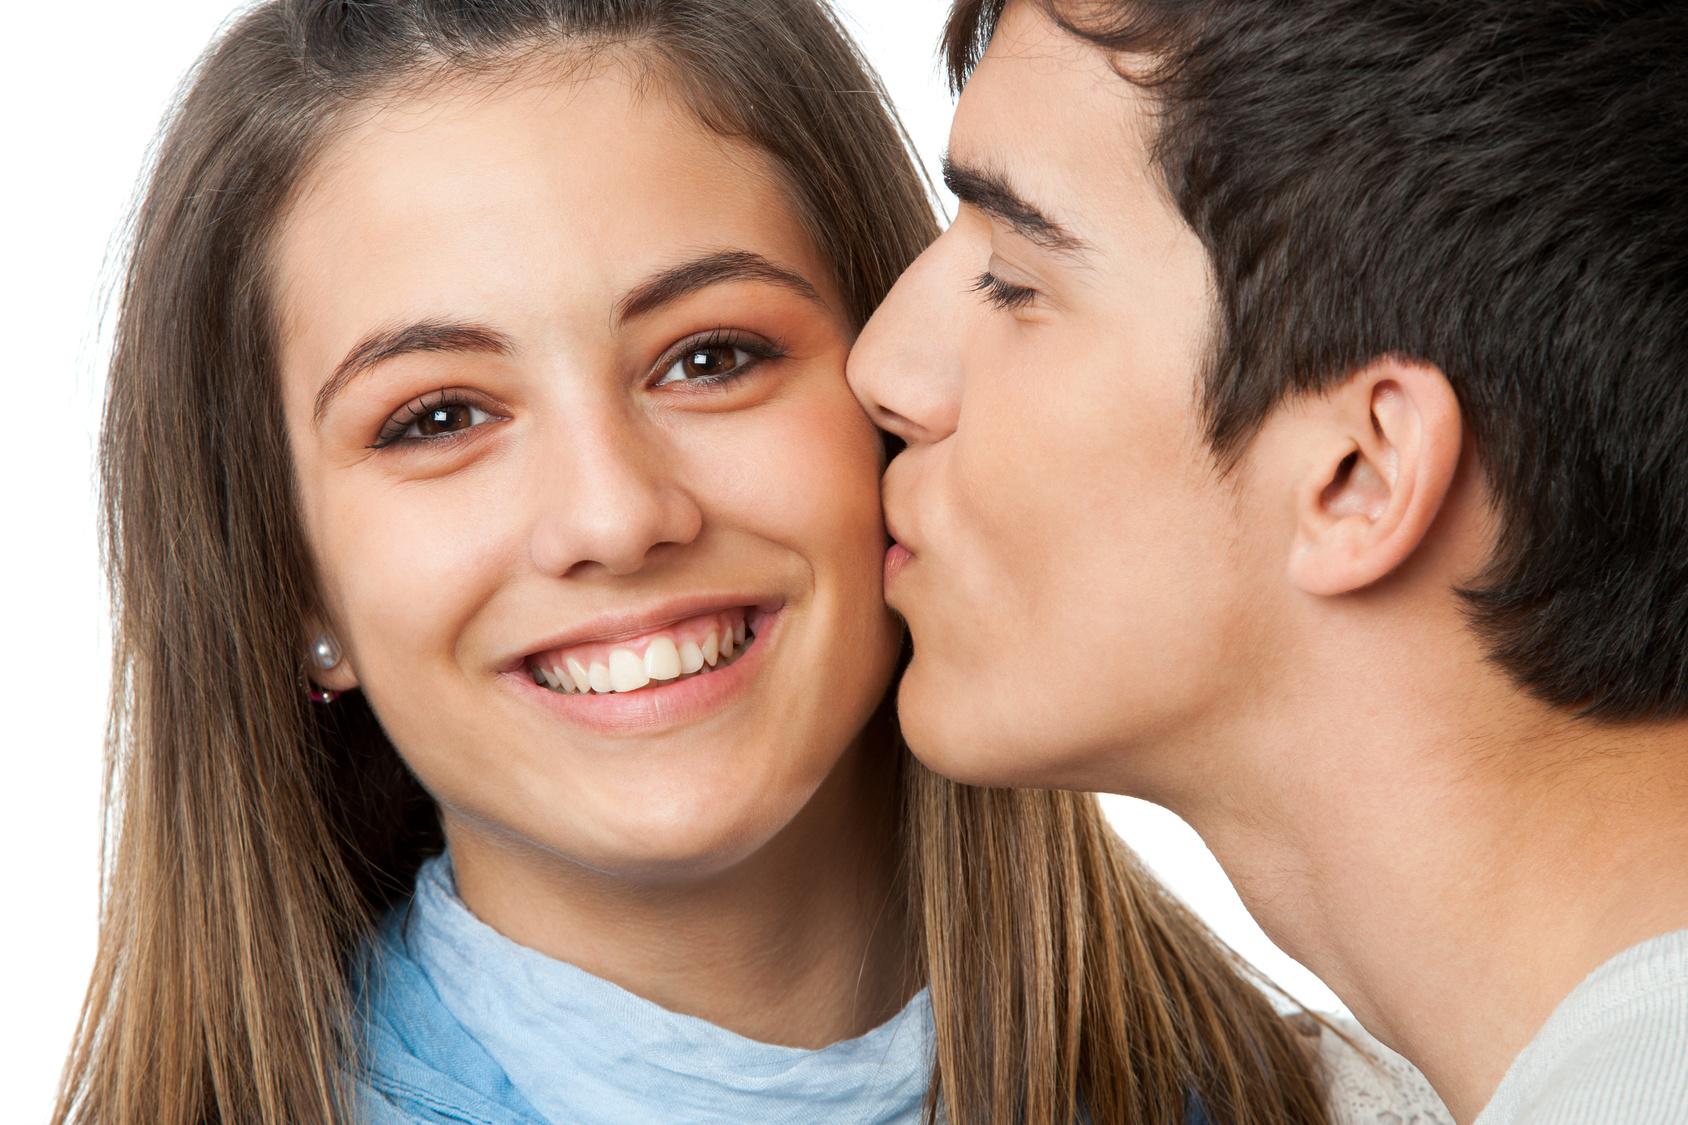 когда вас впервые поцеловали в щеку